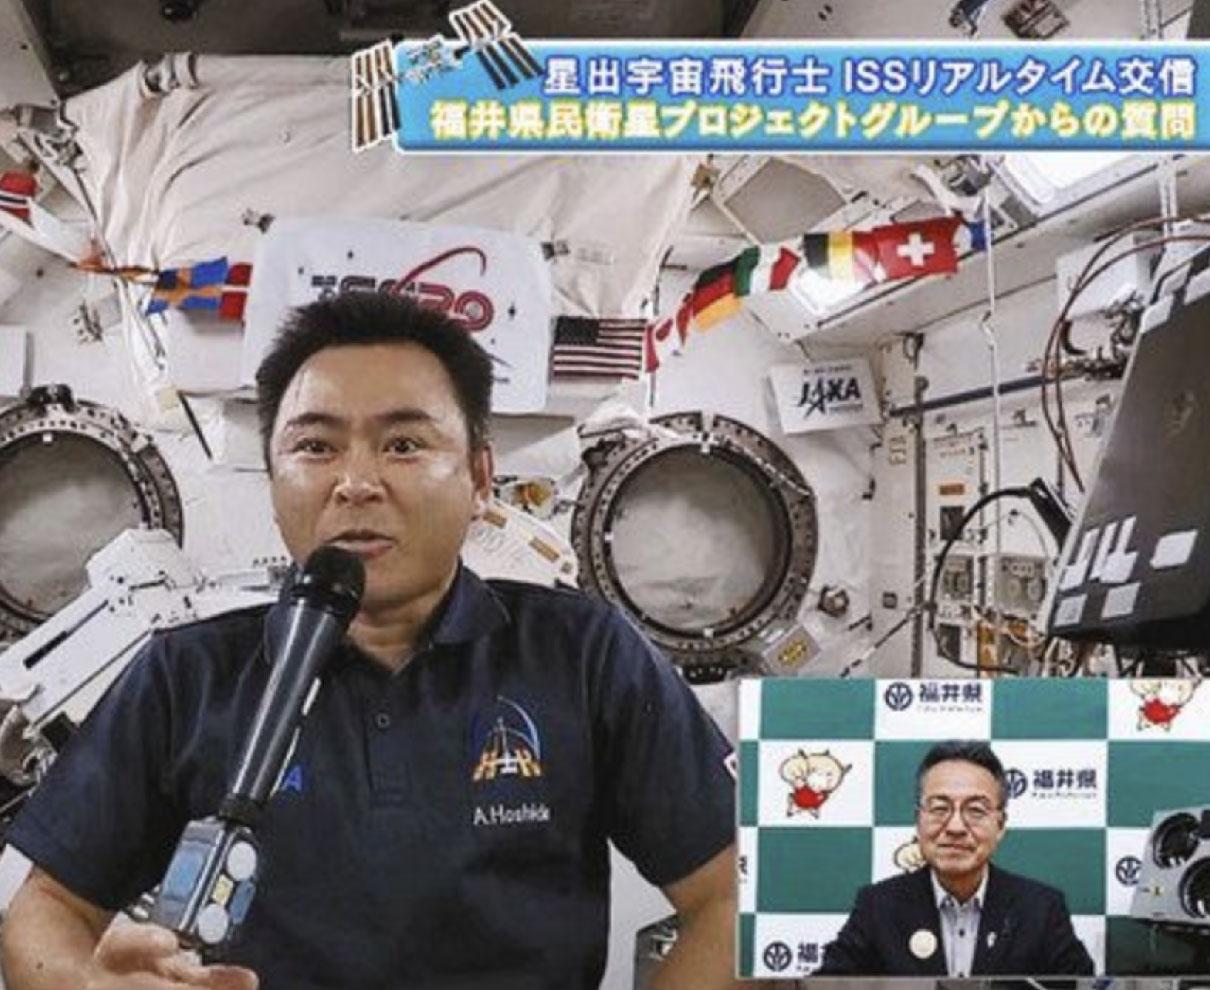 県民衛星「すいせん」称賛 星出飛行士、知事と交信